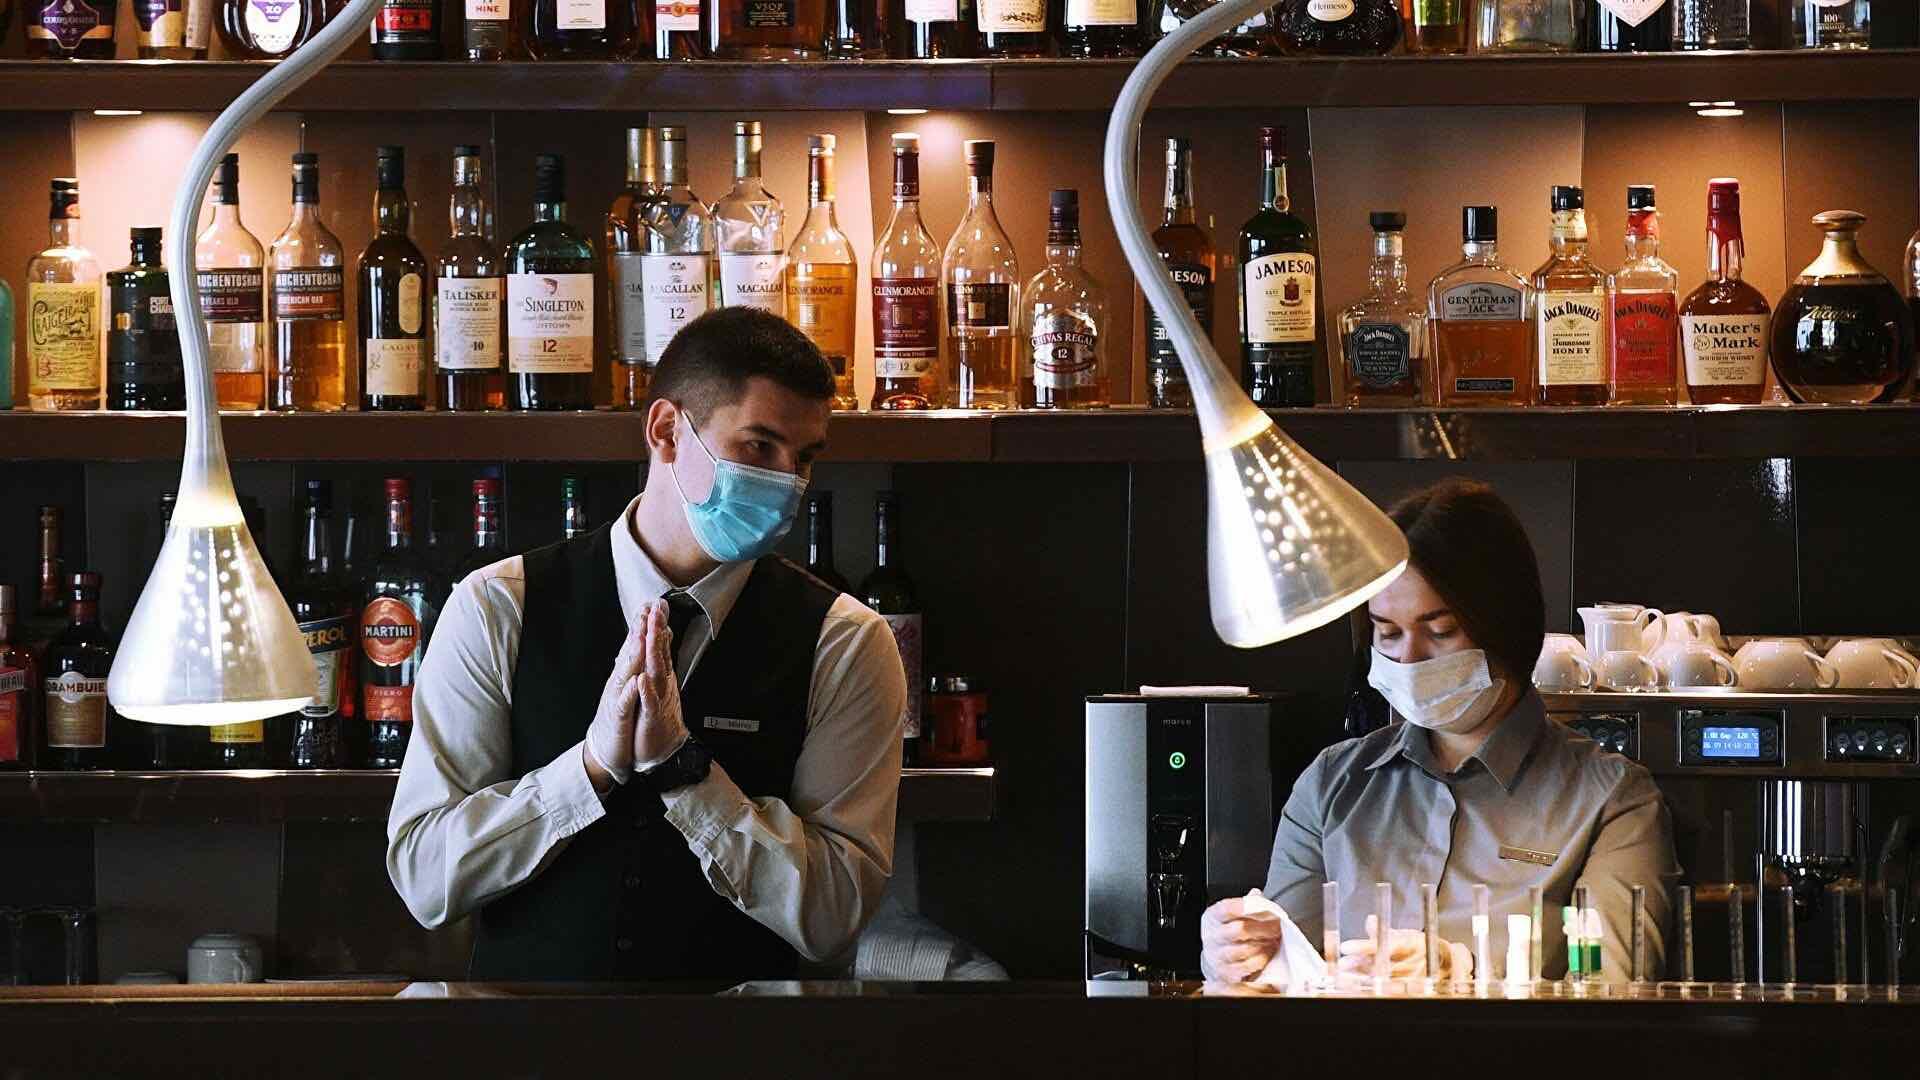 В Москве ограничили вход в клубы и ночные бары из-за коронавируса